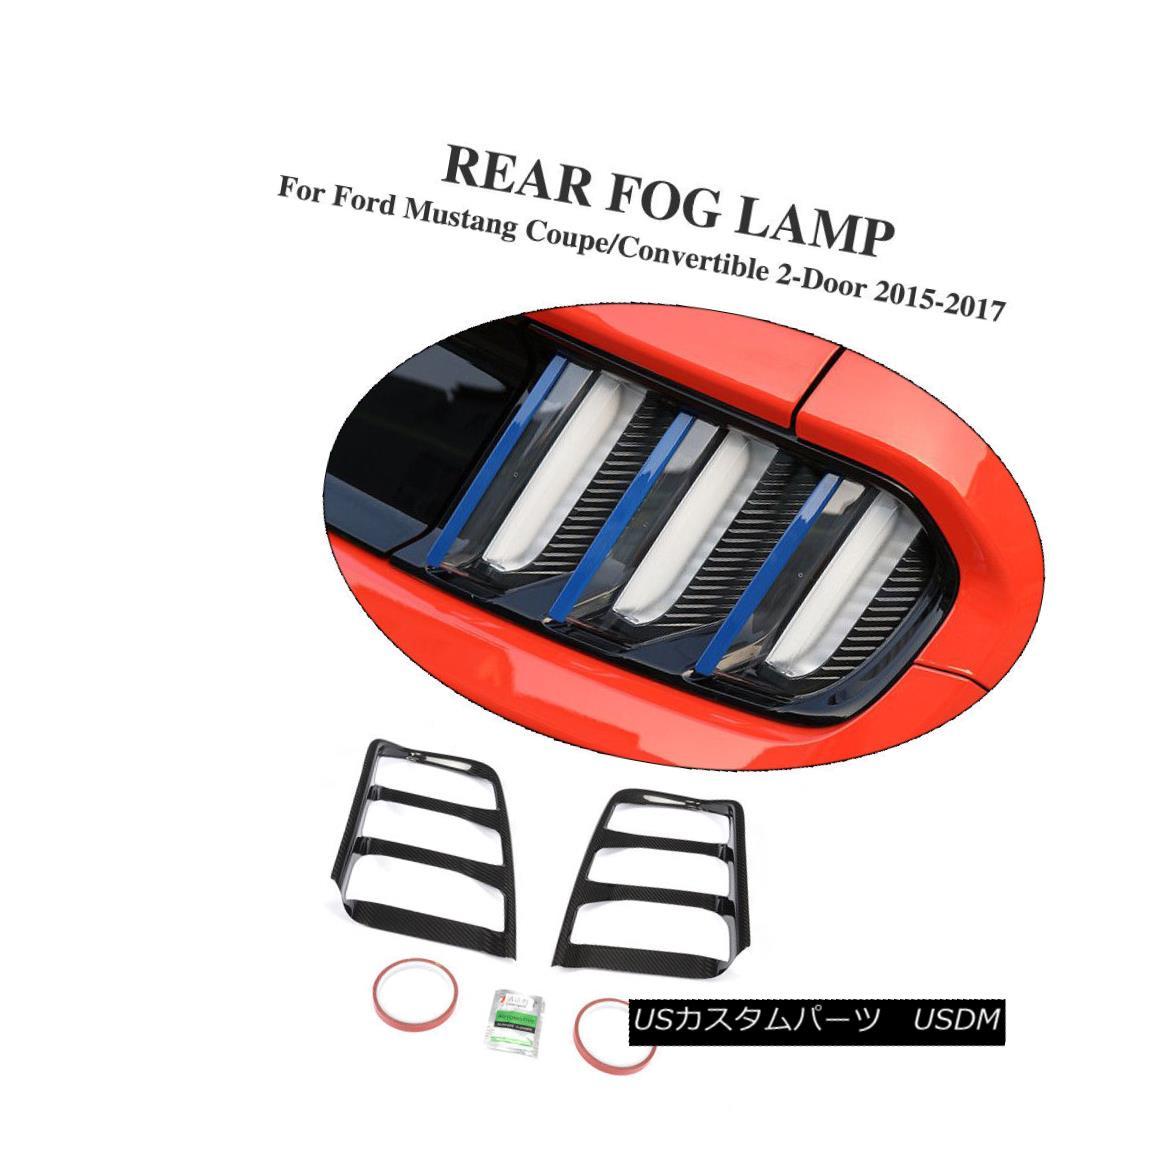 エアロパーツ Carbon Fiber Rear Light Covers Tail Lamp Cover Caps Fit for Ford Mustang 15-17 カーボンファイバーリアライトは、フォードマスタング用のテールランプカバーキャップをカバーします15-17